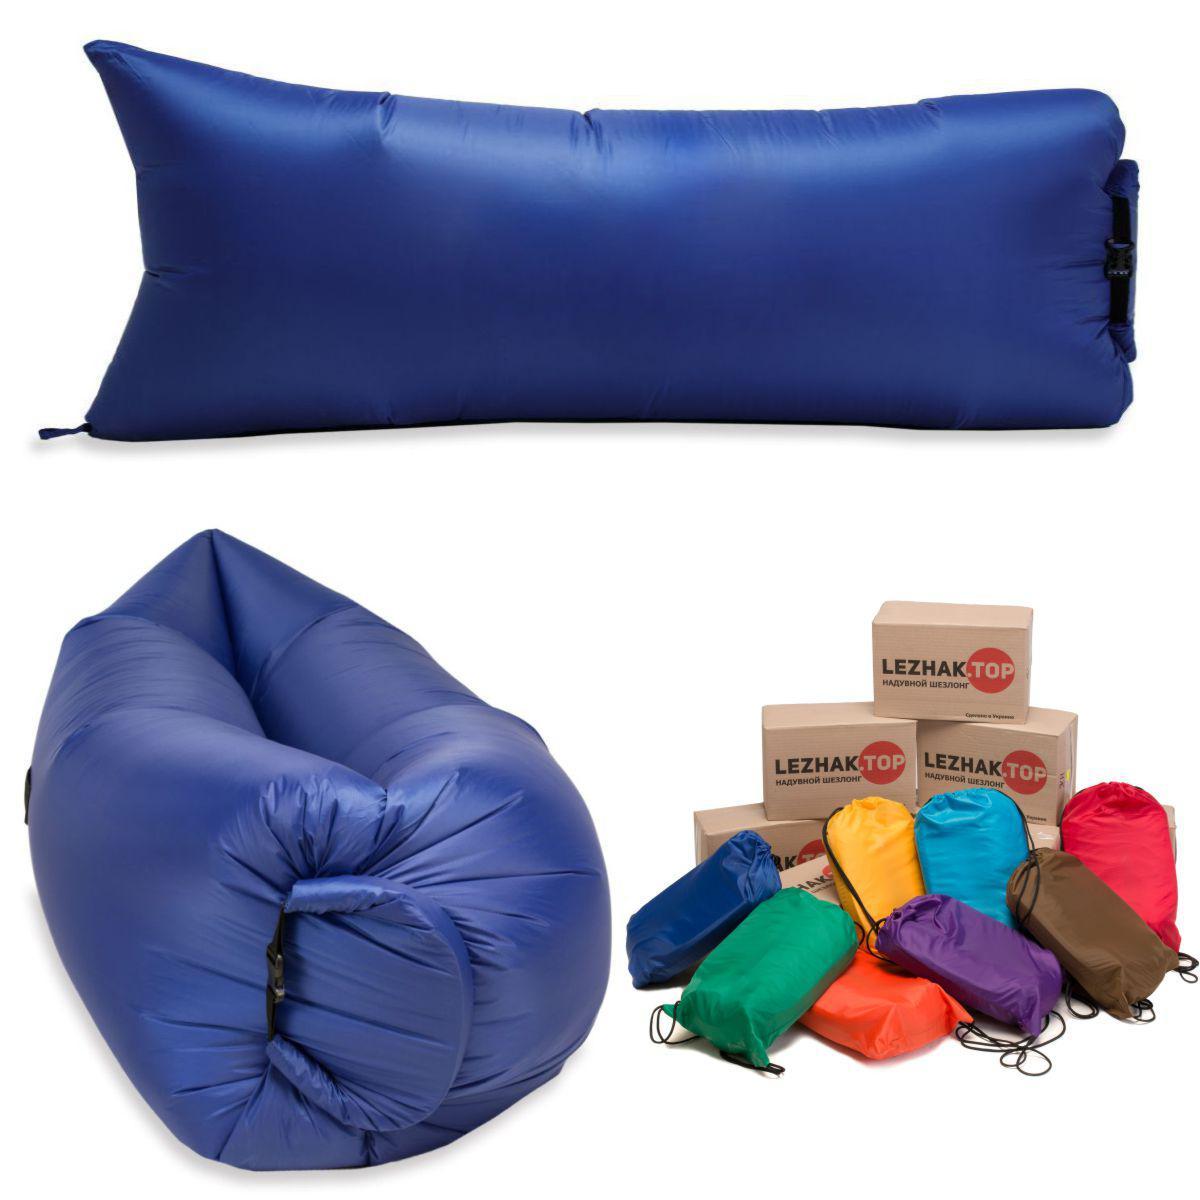 Ламзак - надувной шезлонг, диван, гамак. Пр-во Украина. Синий